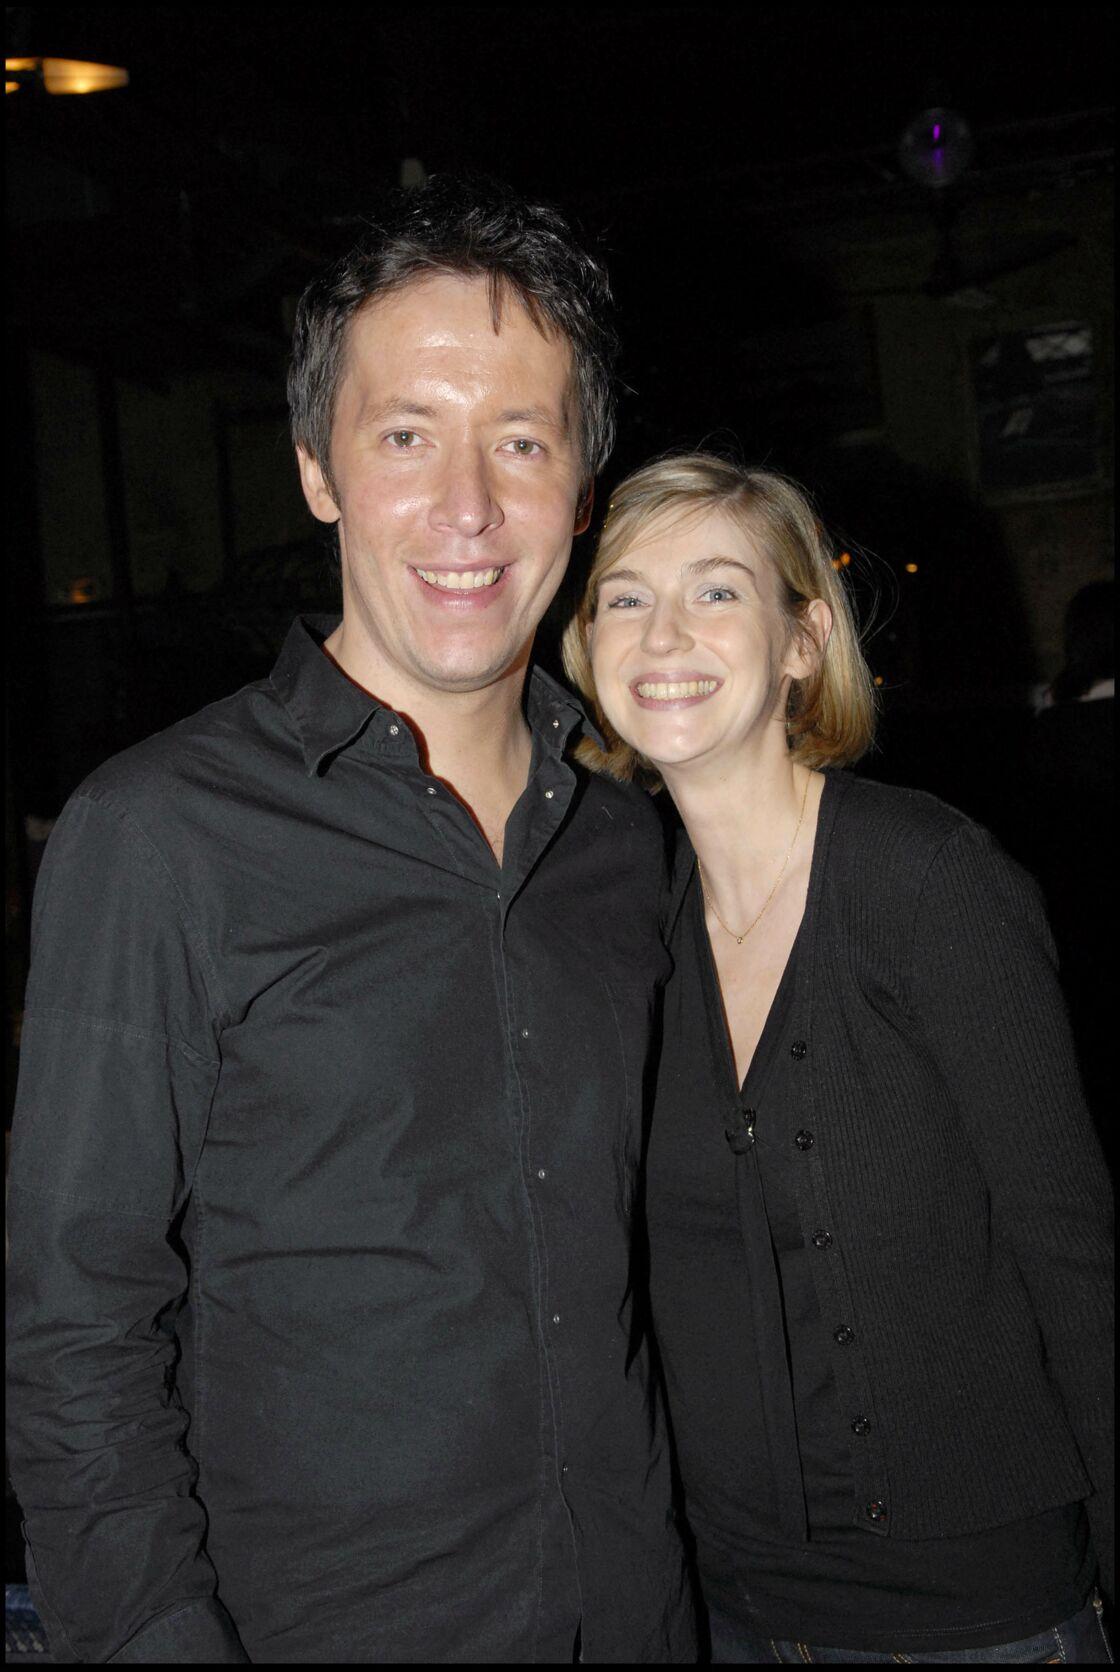 Jean-Luc Lemoine et sa femme Adeline au Théâtre du Temple le 24 janvier 2007